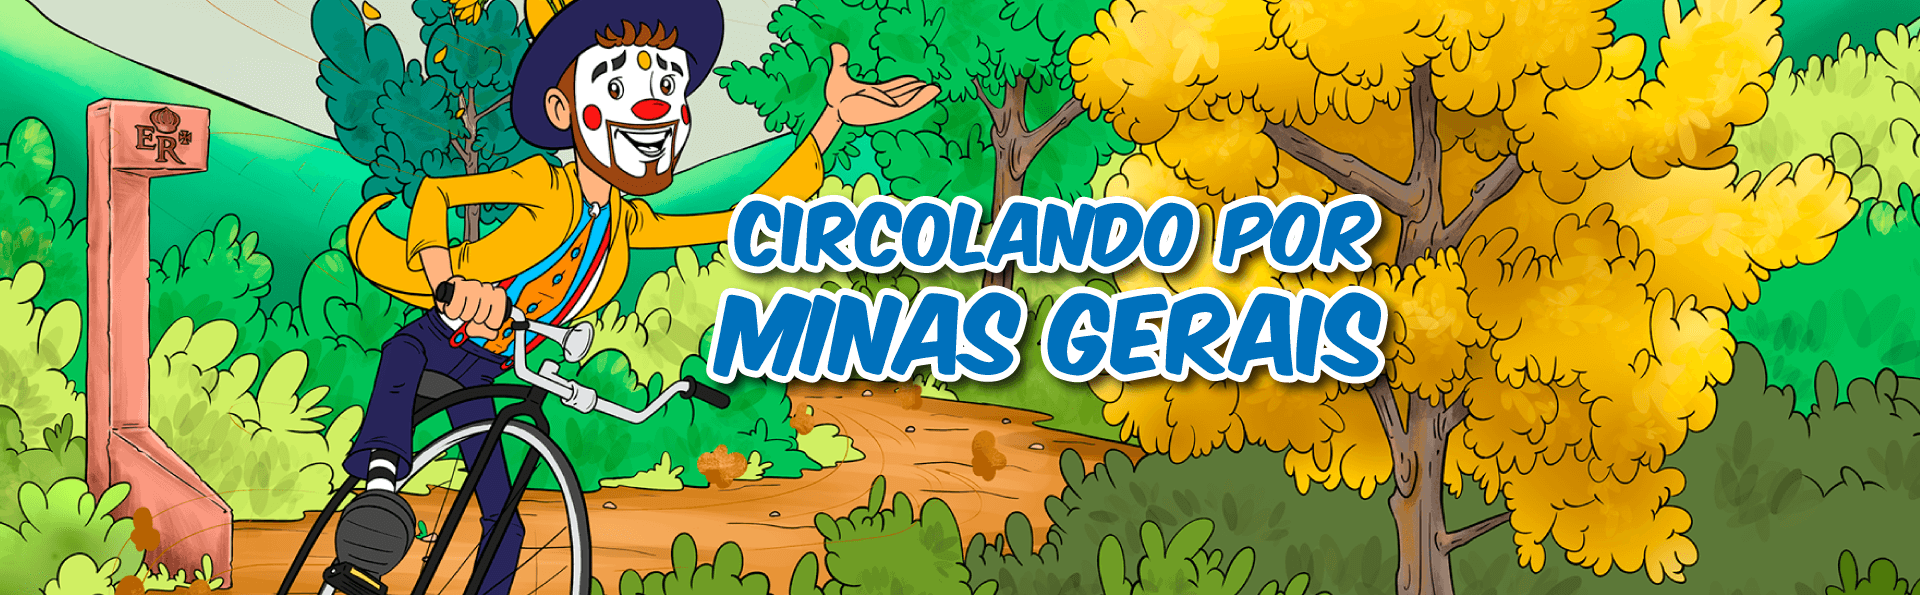 Circolando por Minas Gerais